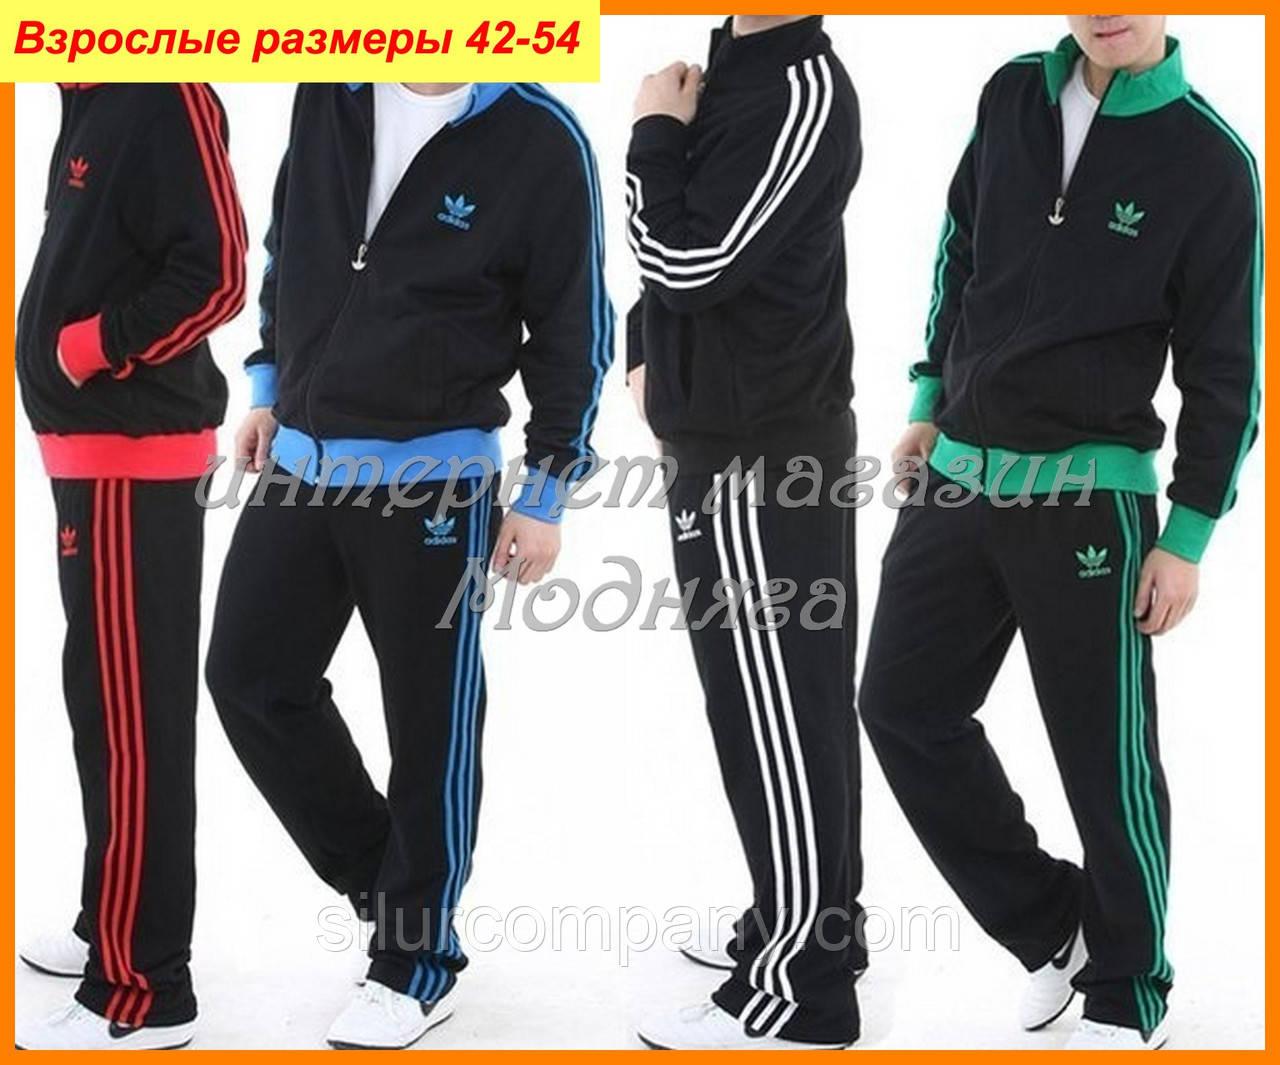 c1fbf658 Спортивный костюм мужской Adidas | трикотажные костюмы - Интернет магазин